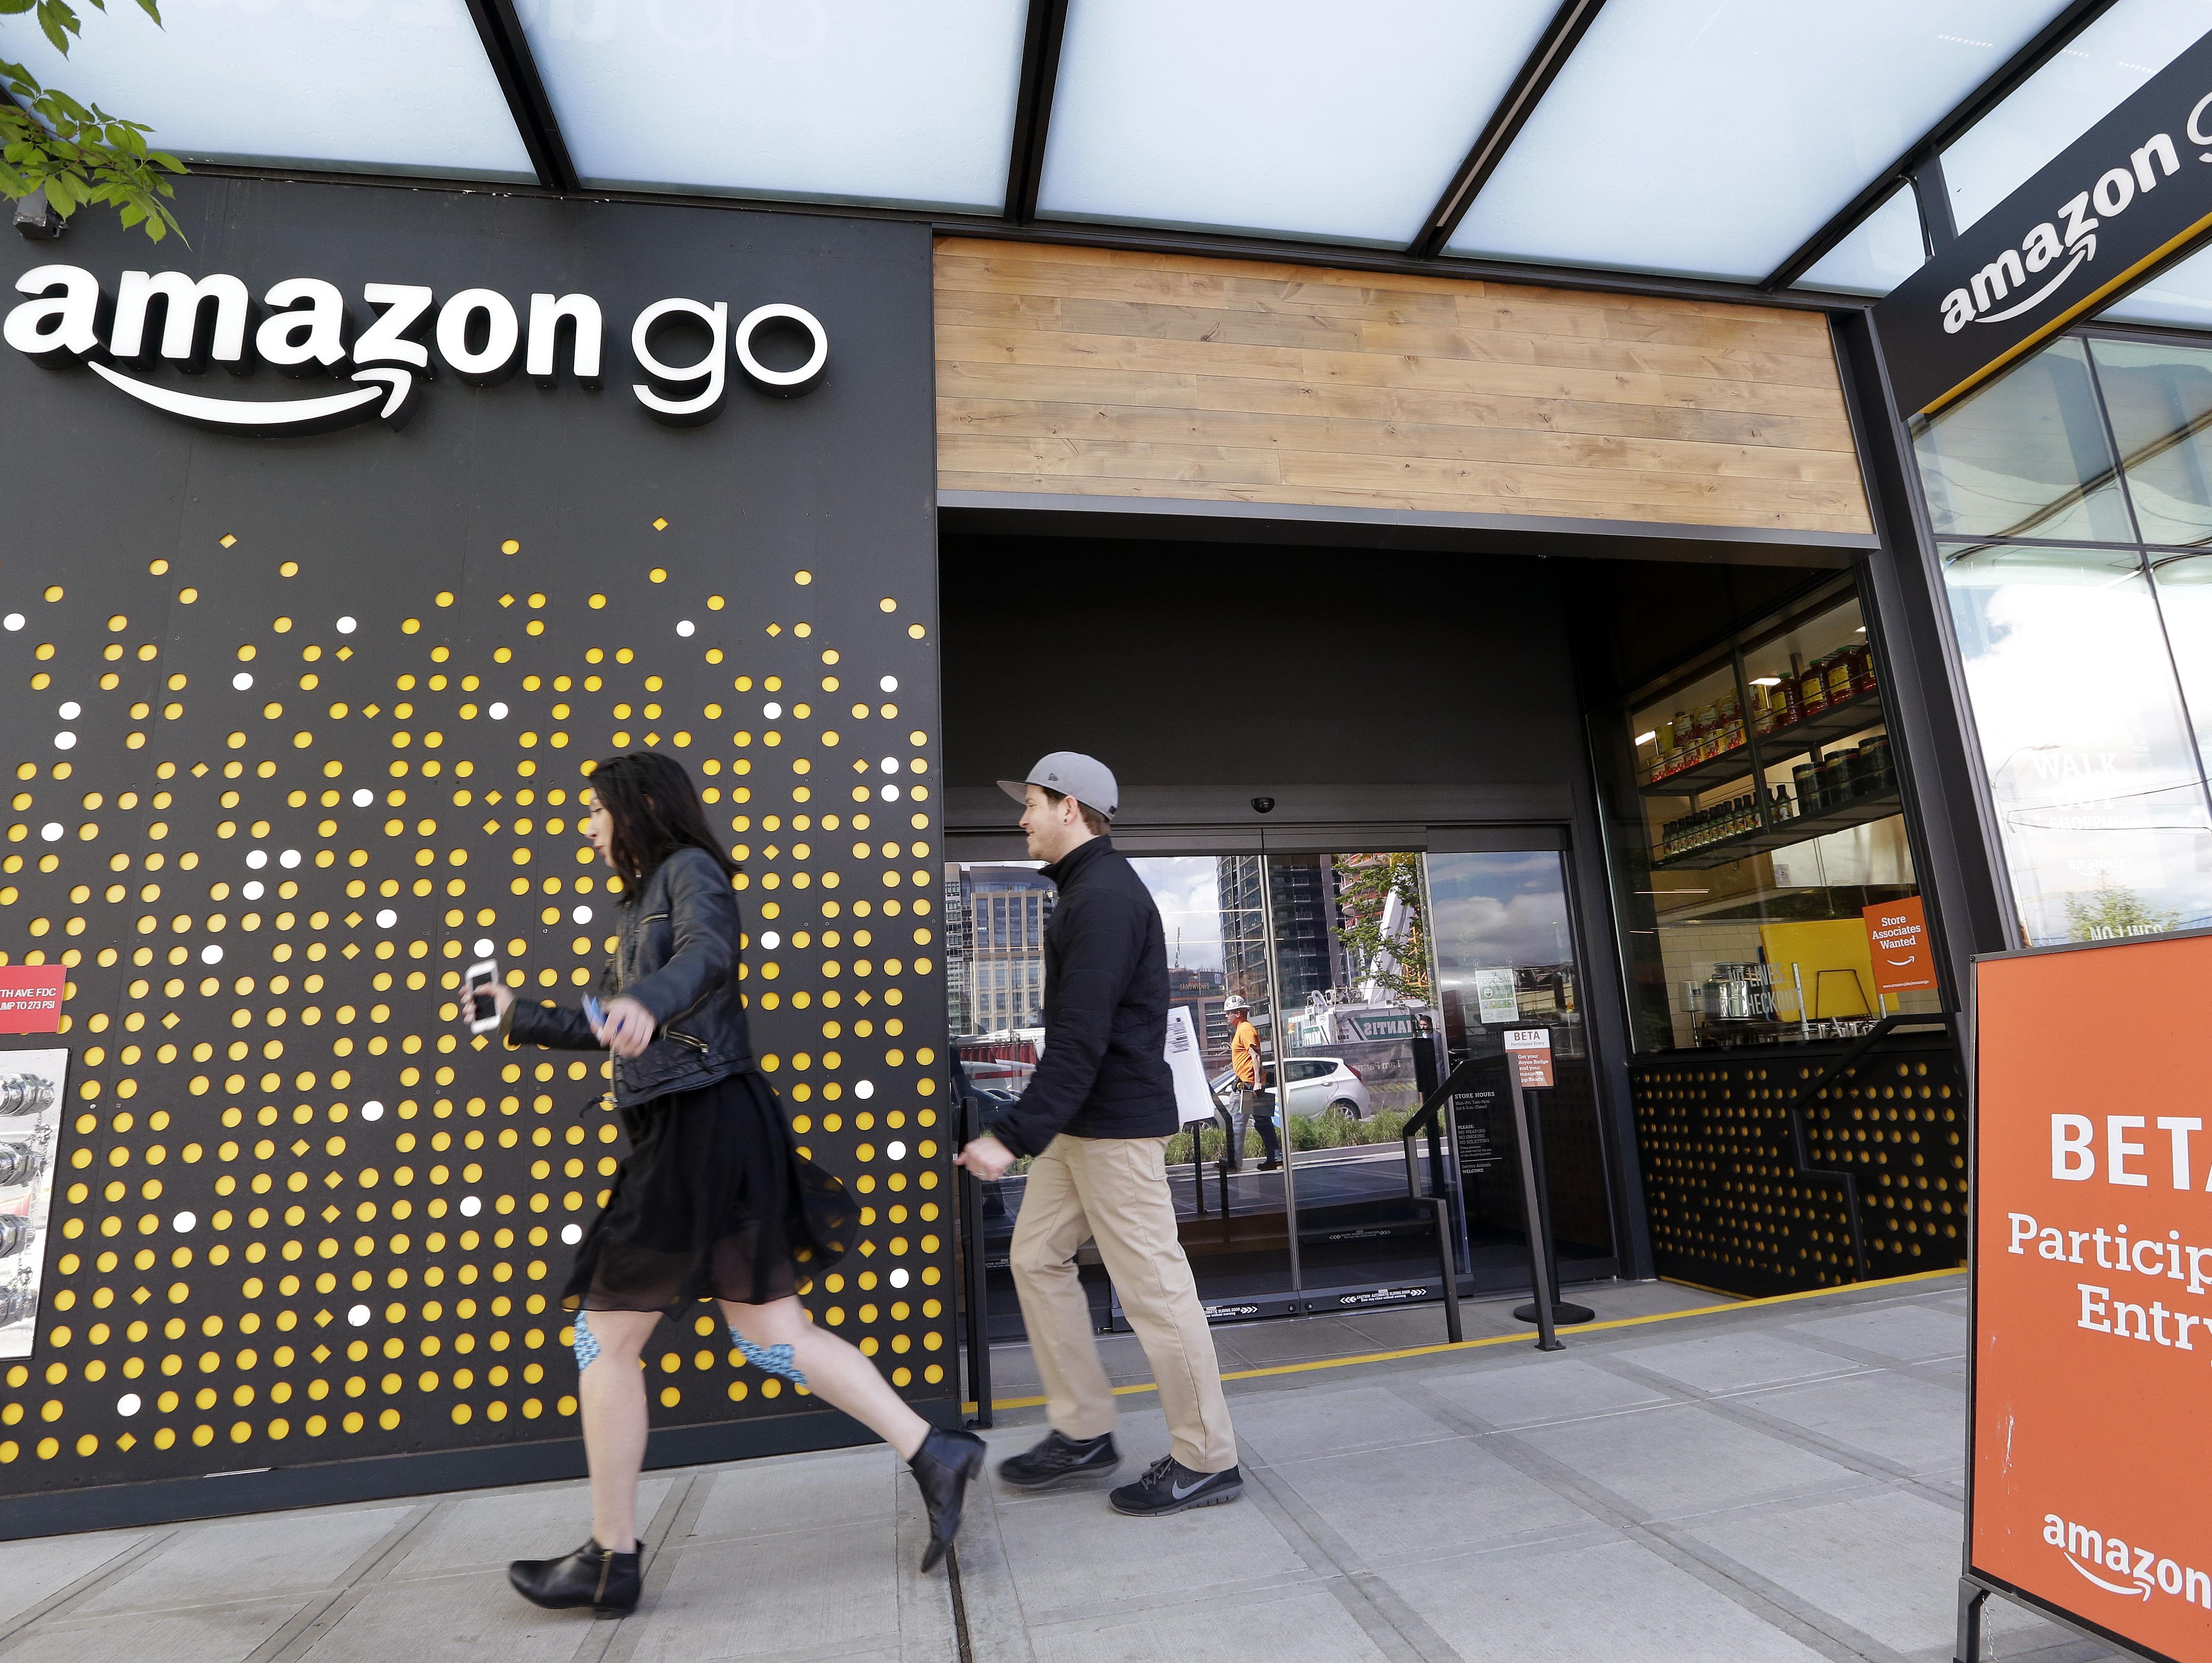 אמזון שוקלת לפתוח 3,000 חנויות אמזון גו ללא קופות עד 2021